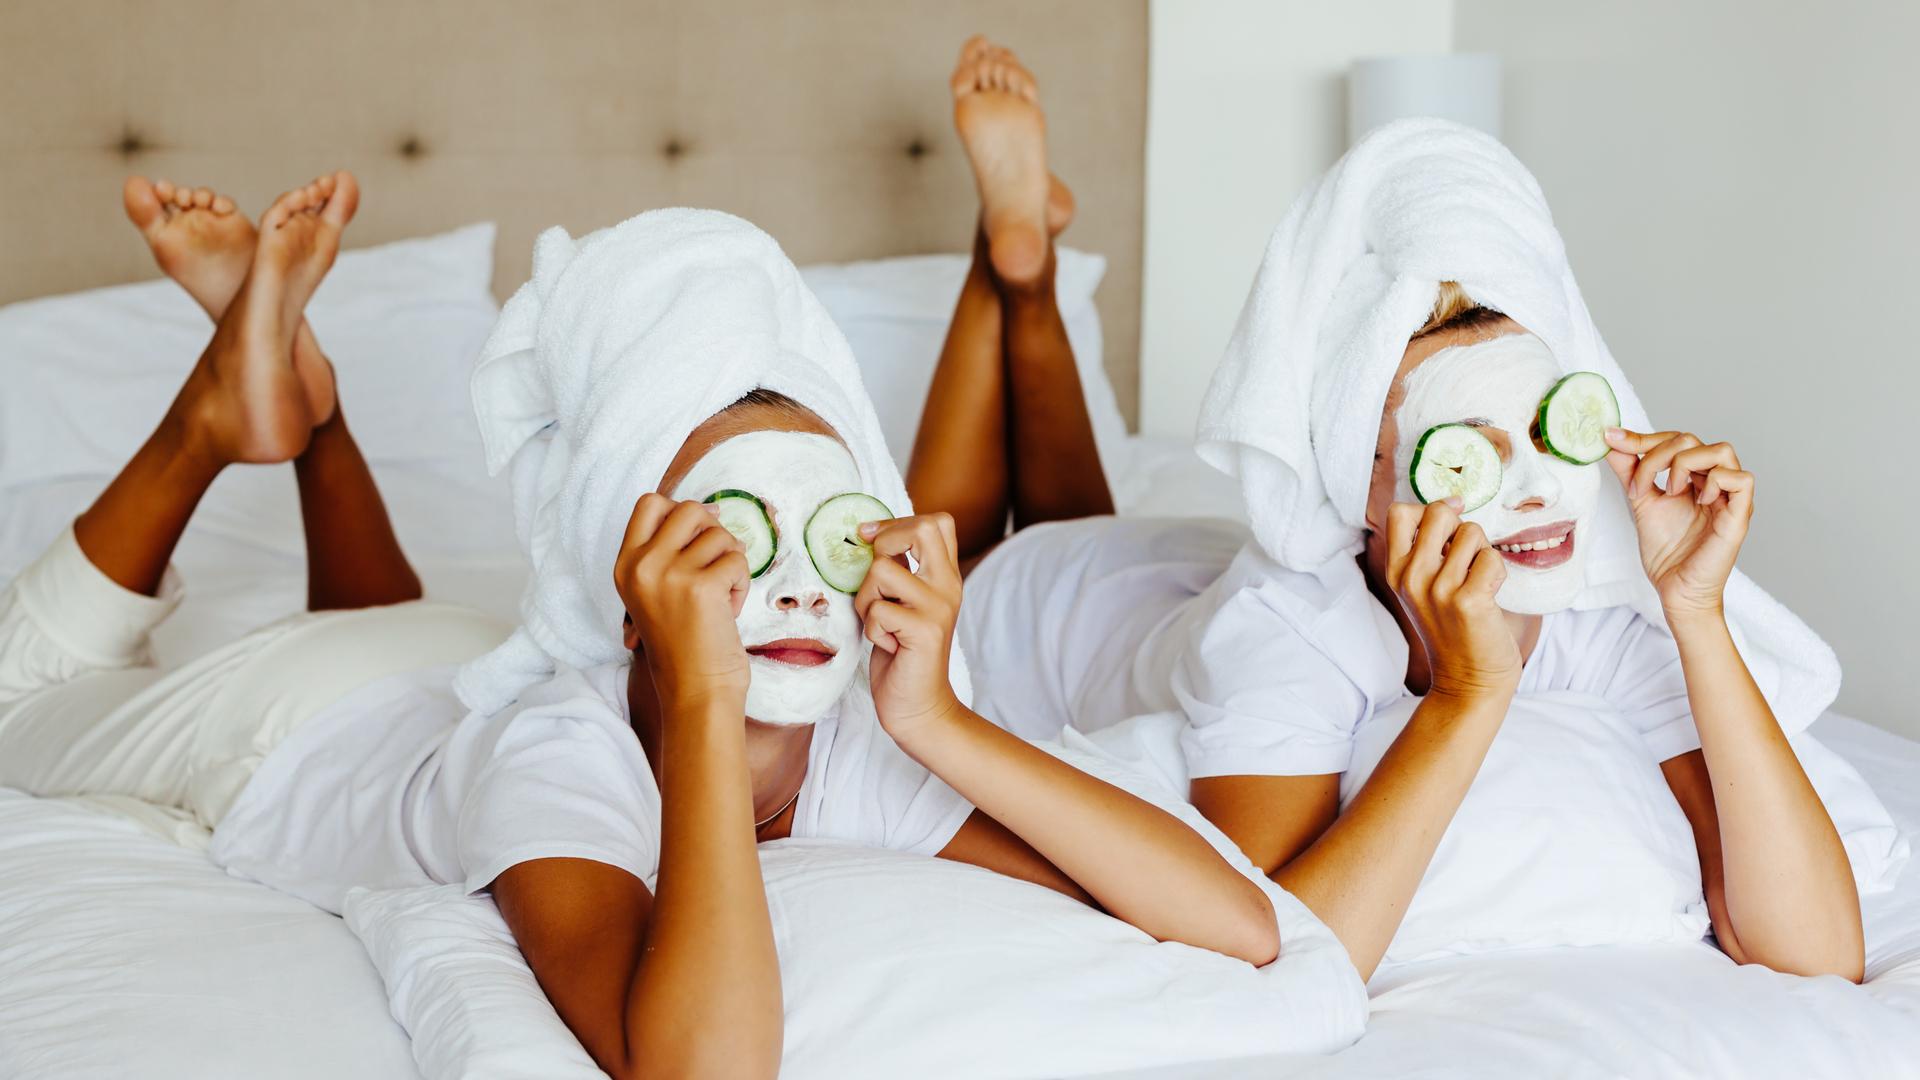 夏のおブス肌に…30代女子の肌トラブルは「肌免疫」が鍵!